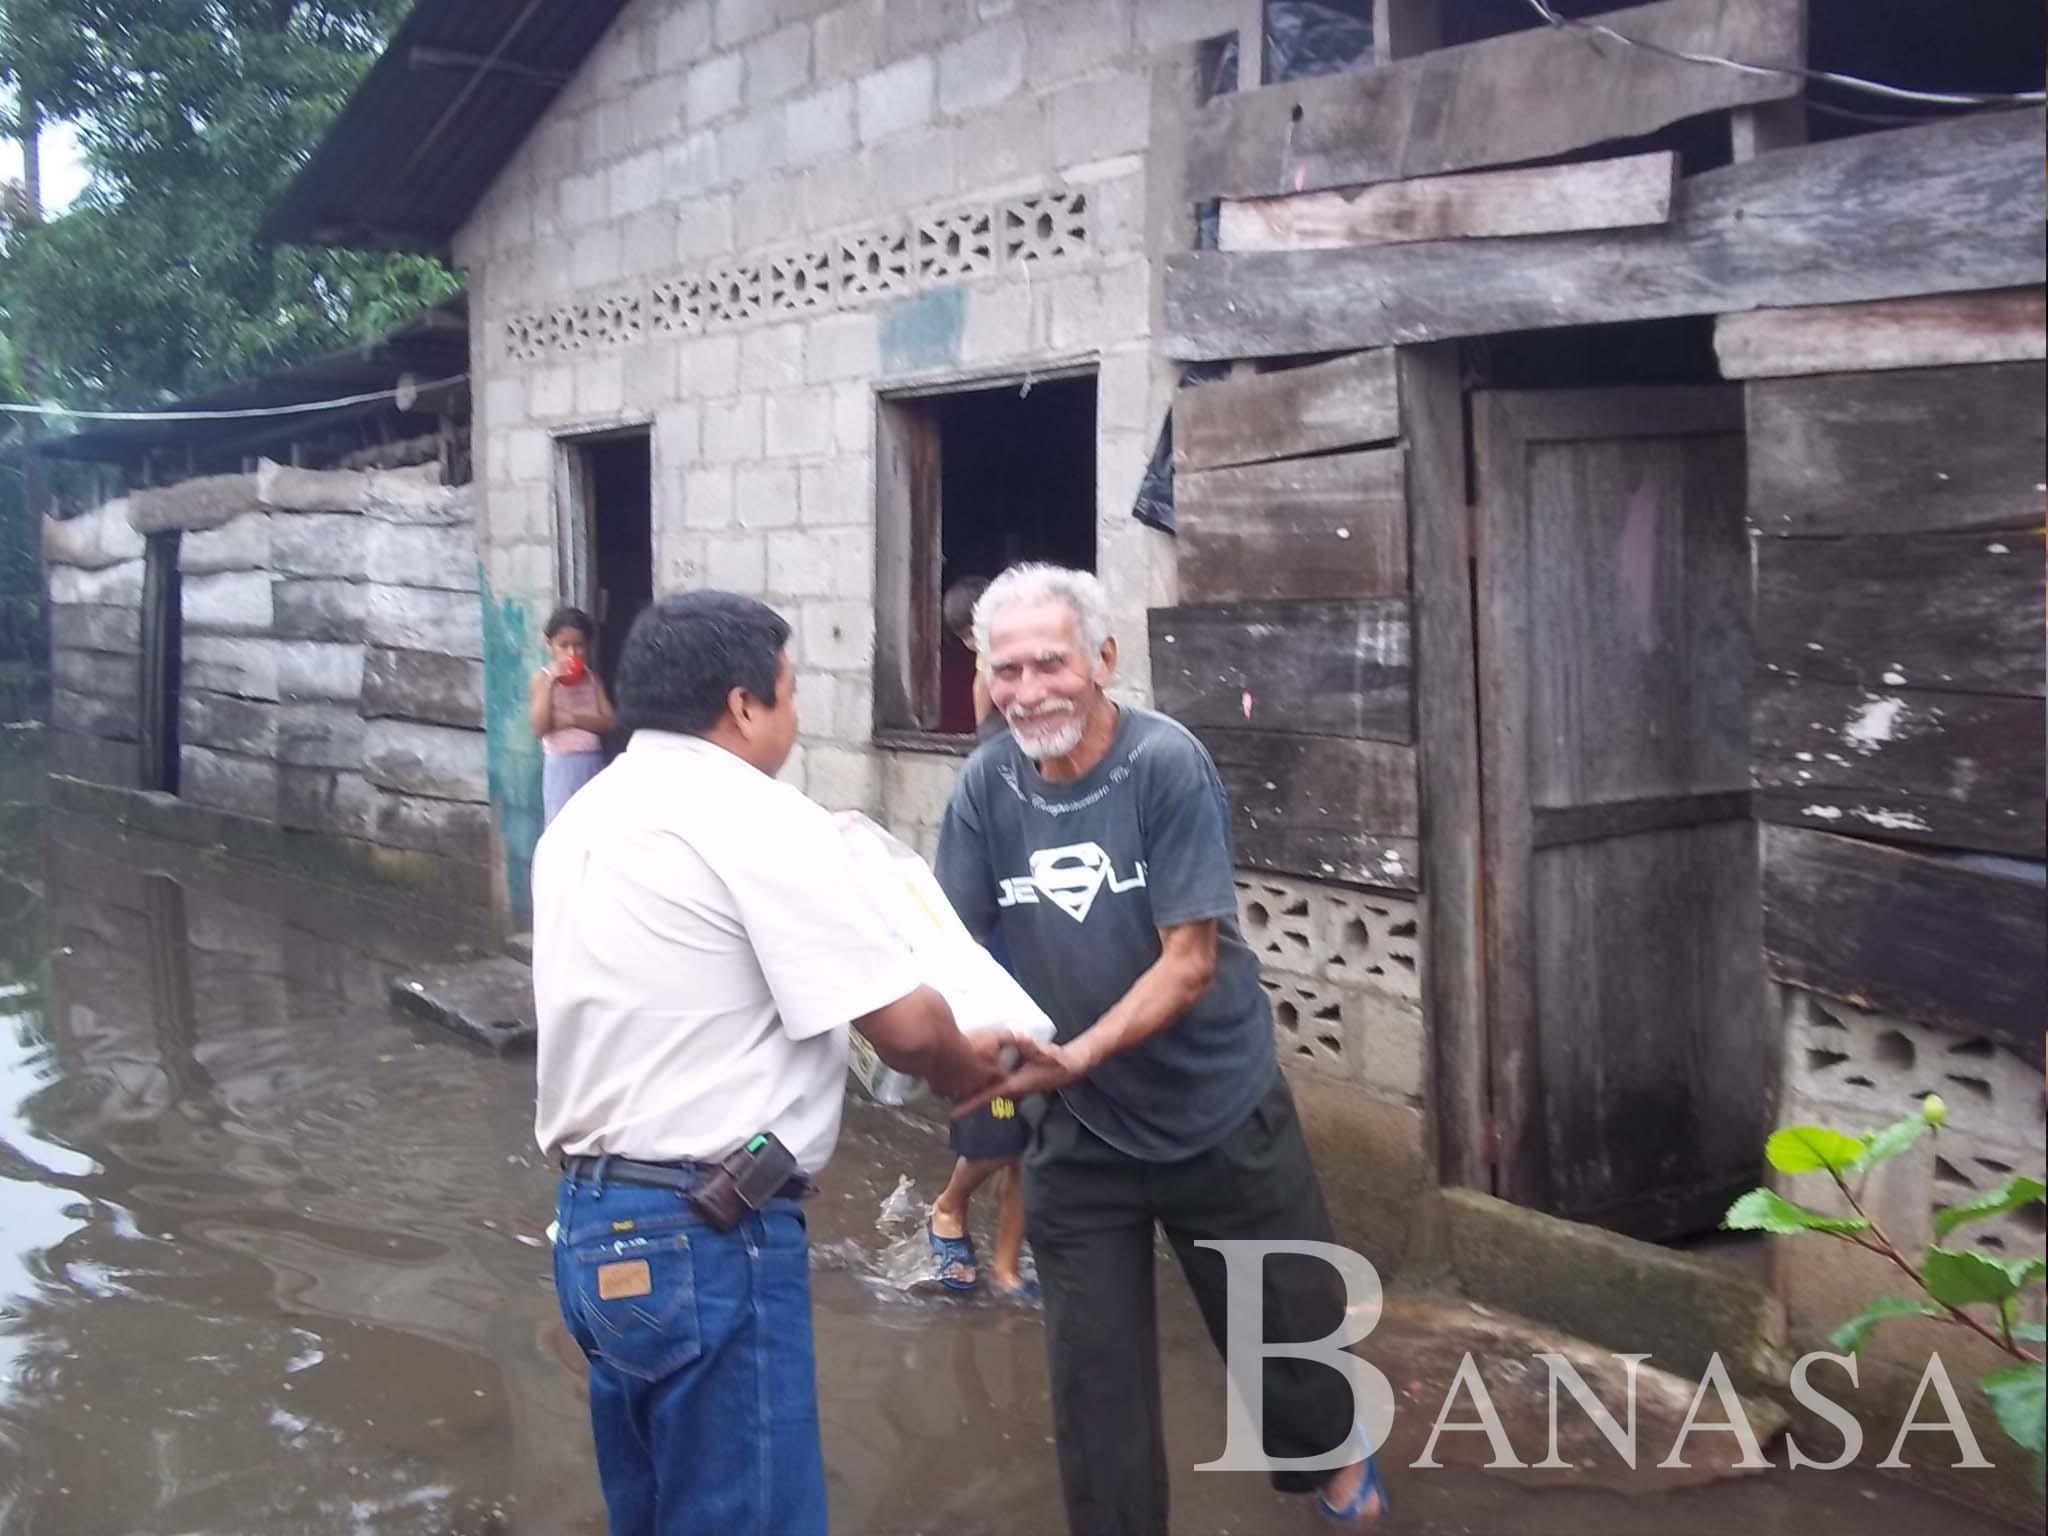 BANASA DONA VÍVERES A 800 FAMILIAS DAMNIFICADAS POR LA TORMENTA TROPICAL EN GUATEMALA